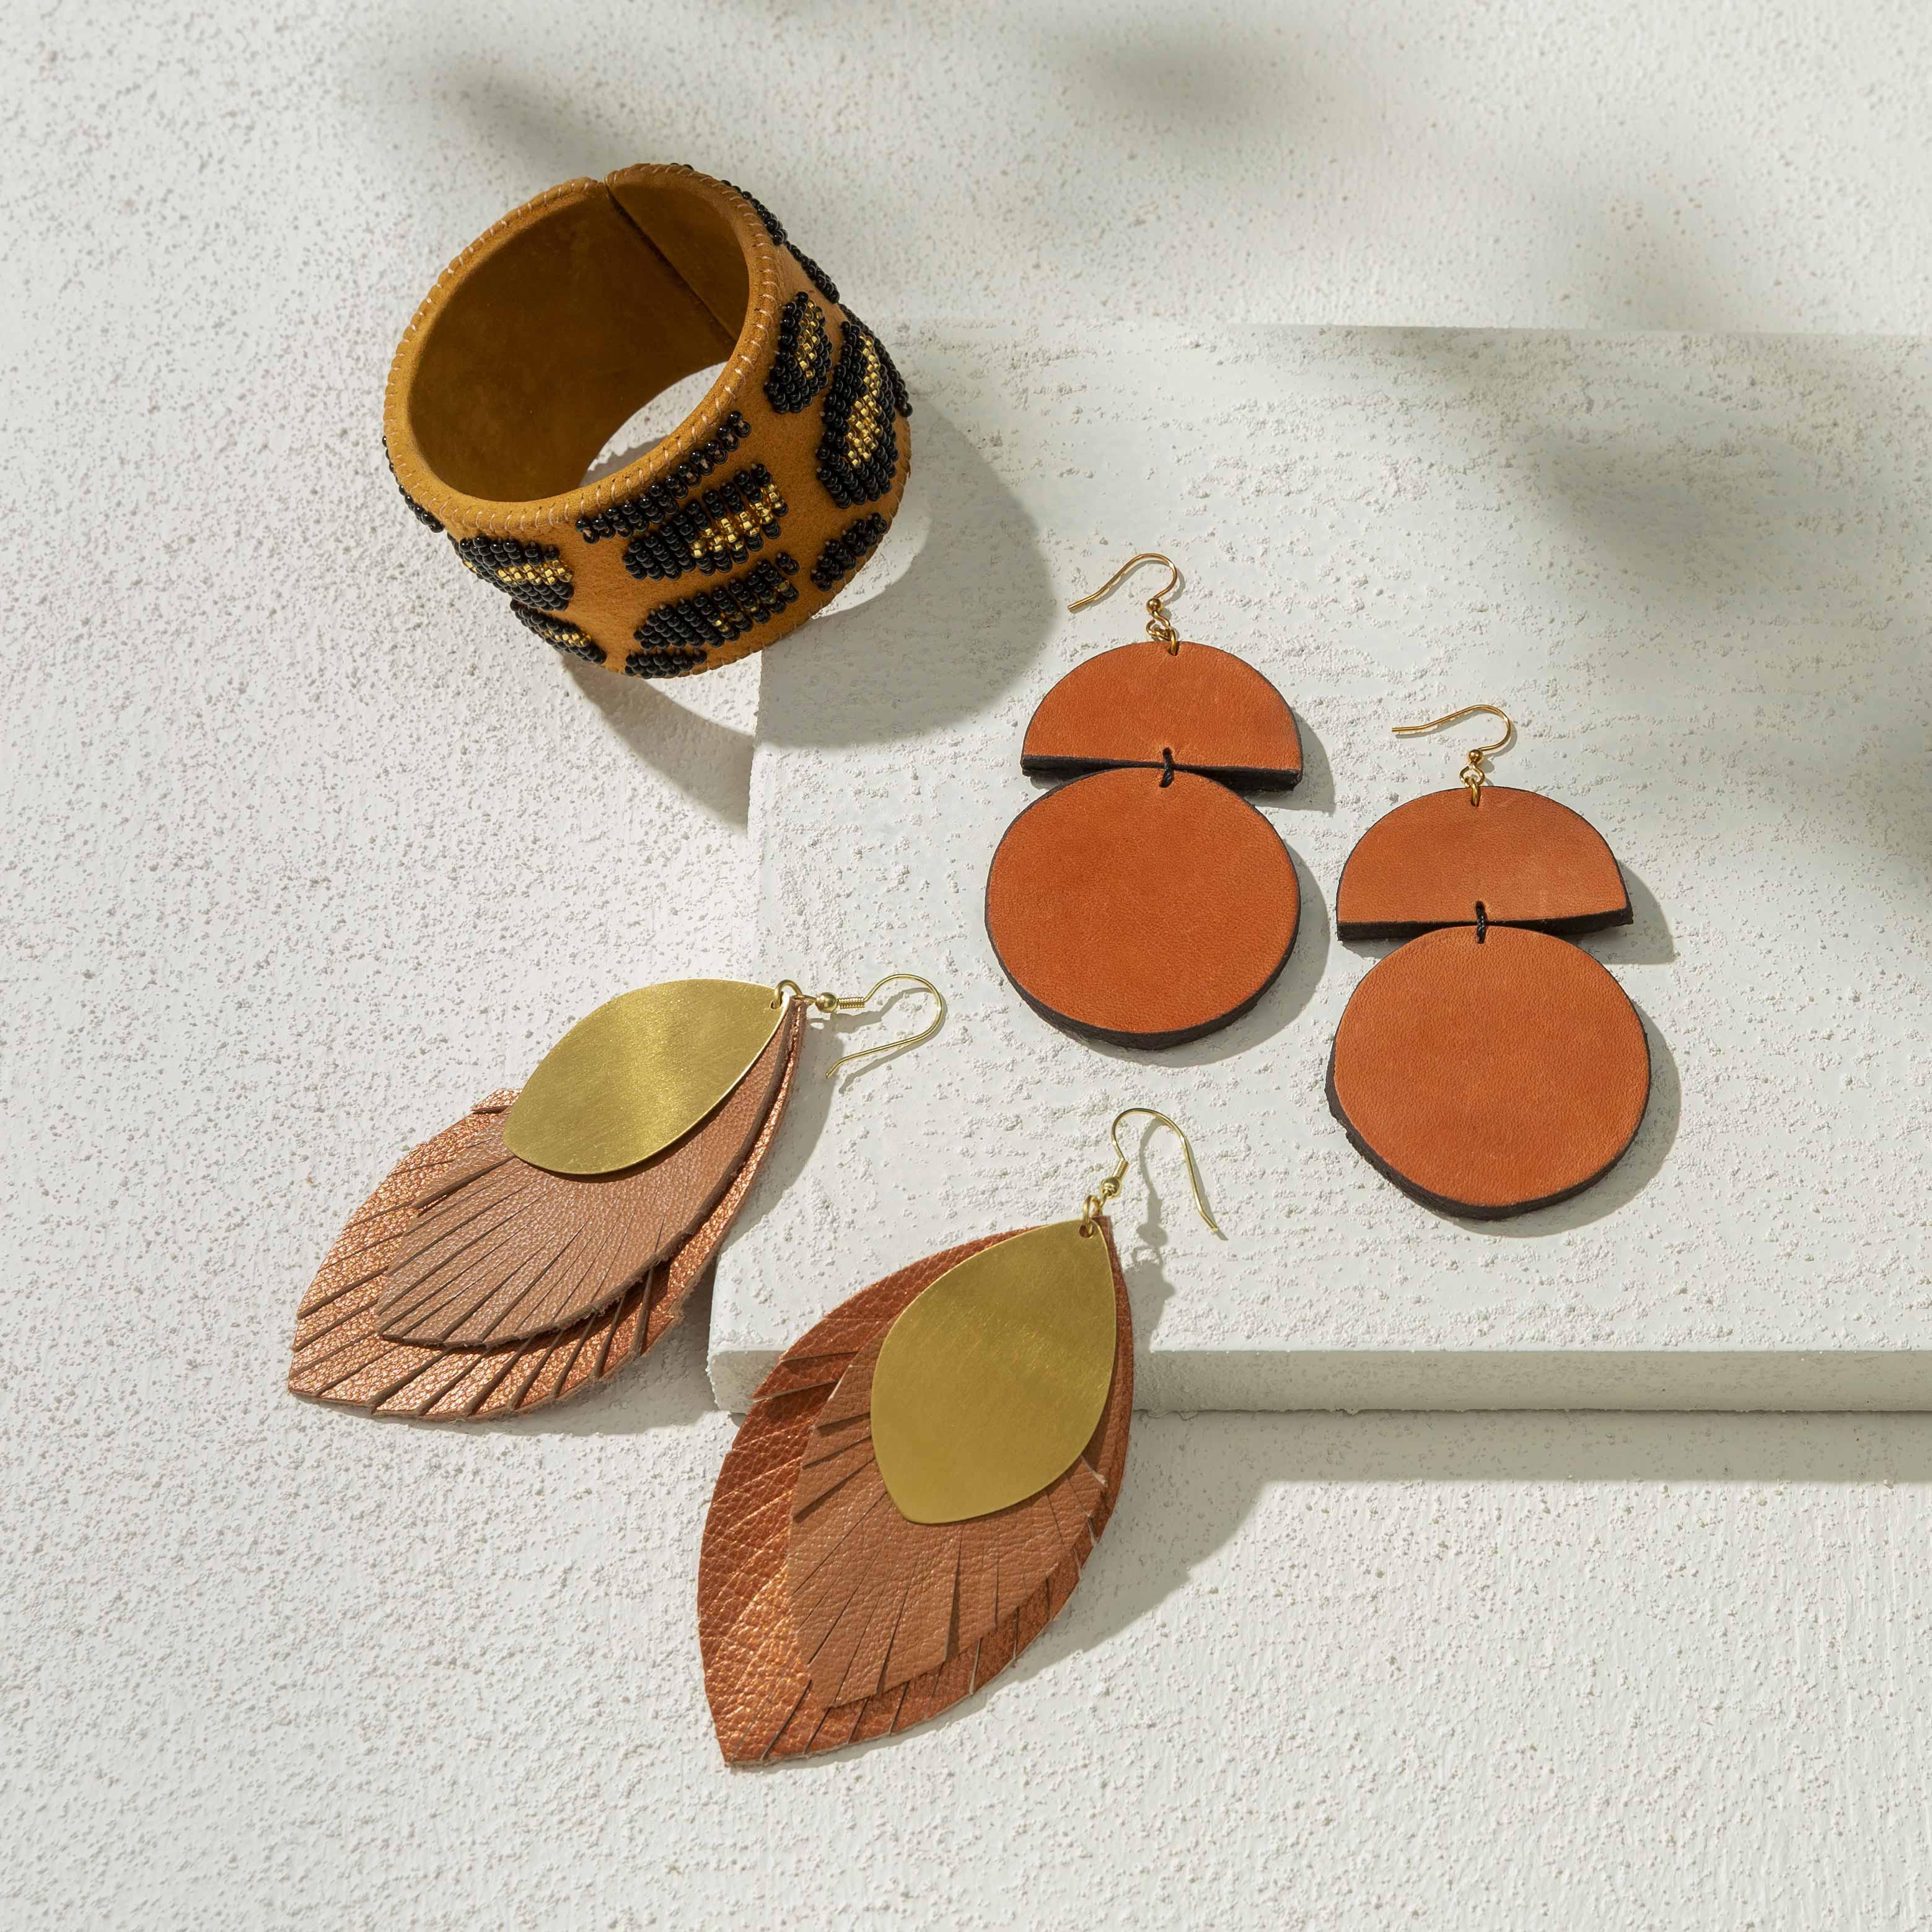 Wooden Custom Earrings Free Spirit Earrings Top Selling Items